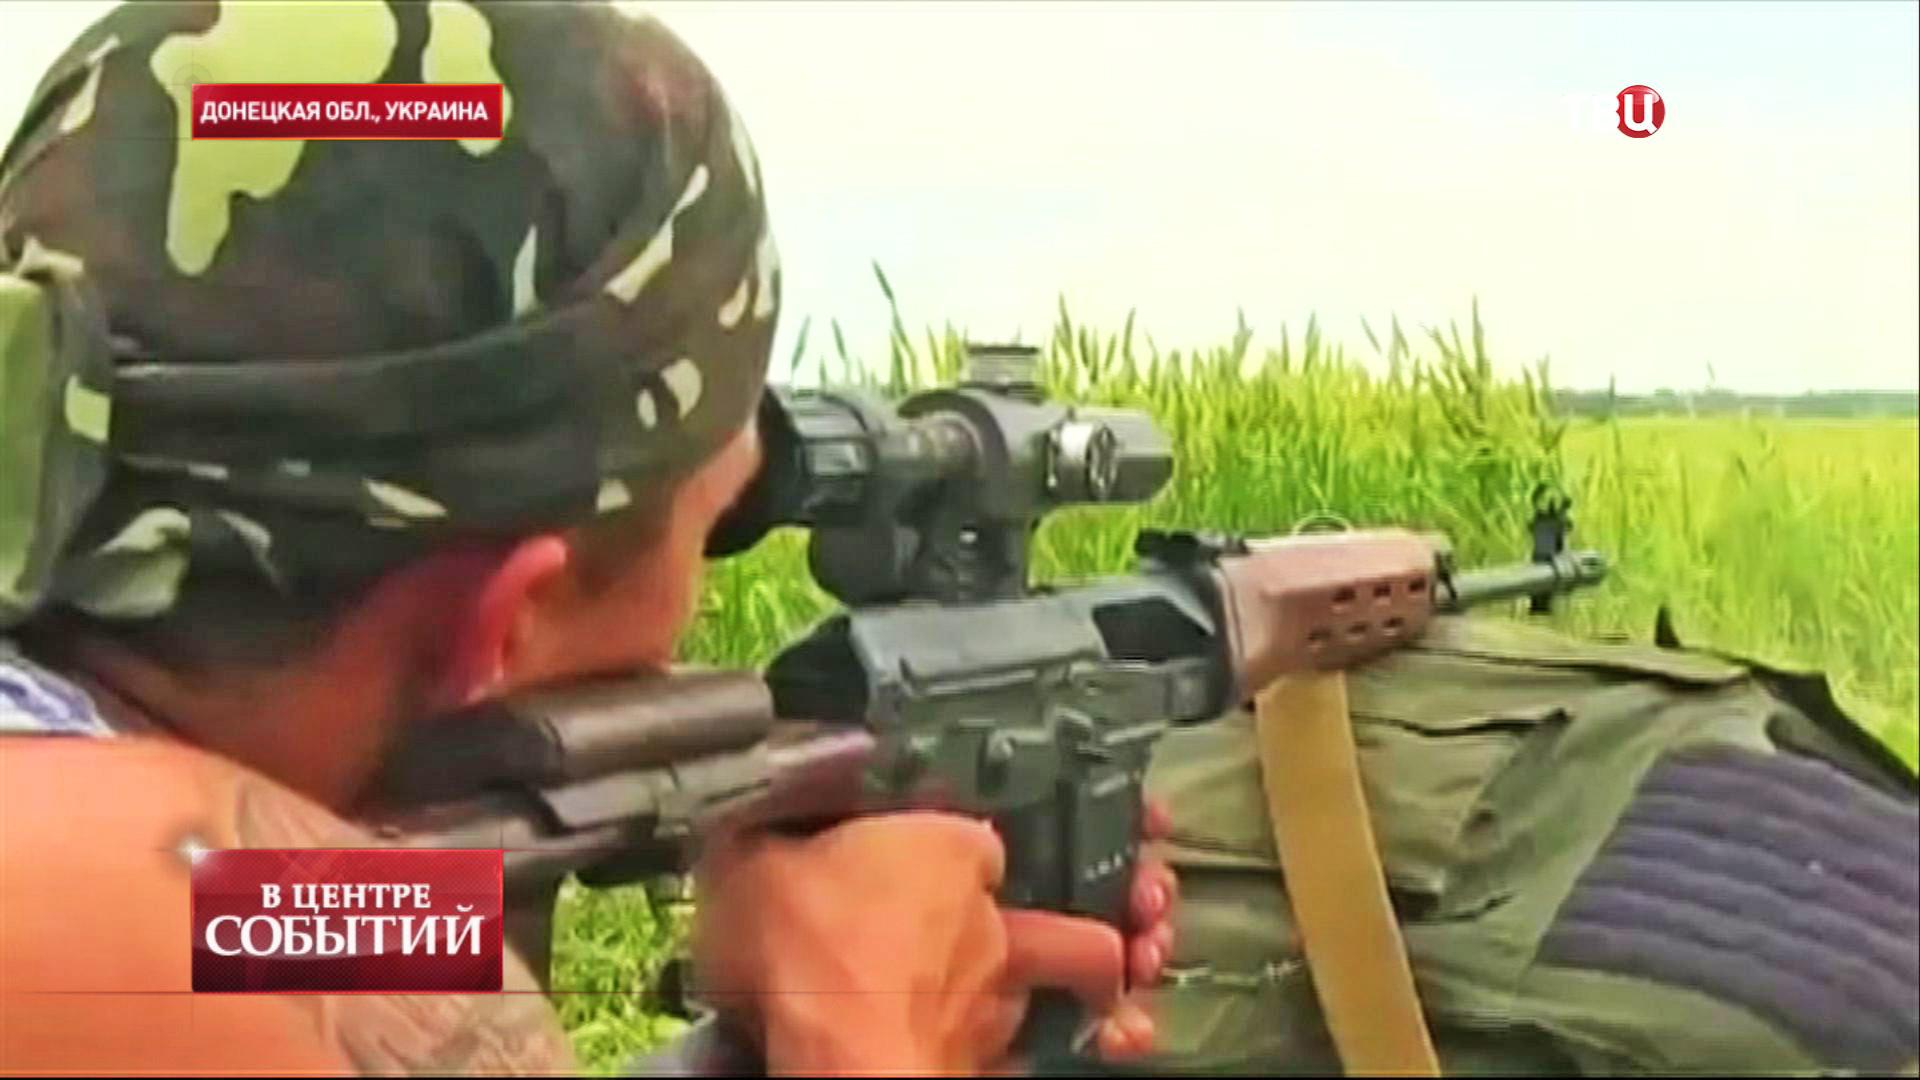 Боец народного ополчения ведет прицельную стрельбу